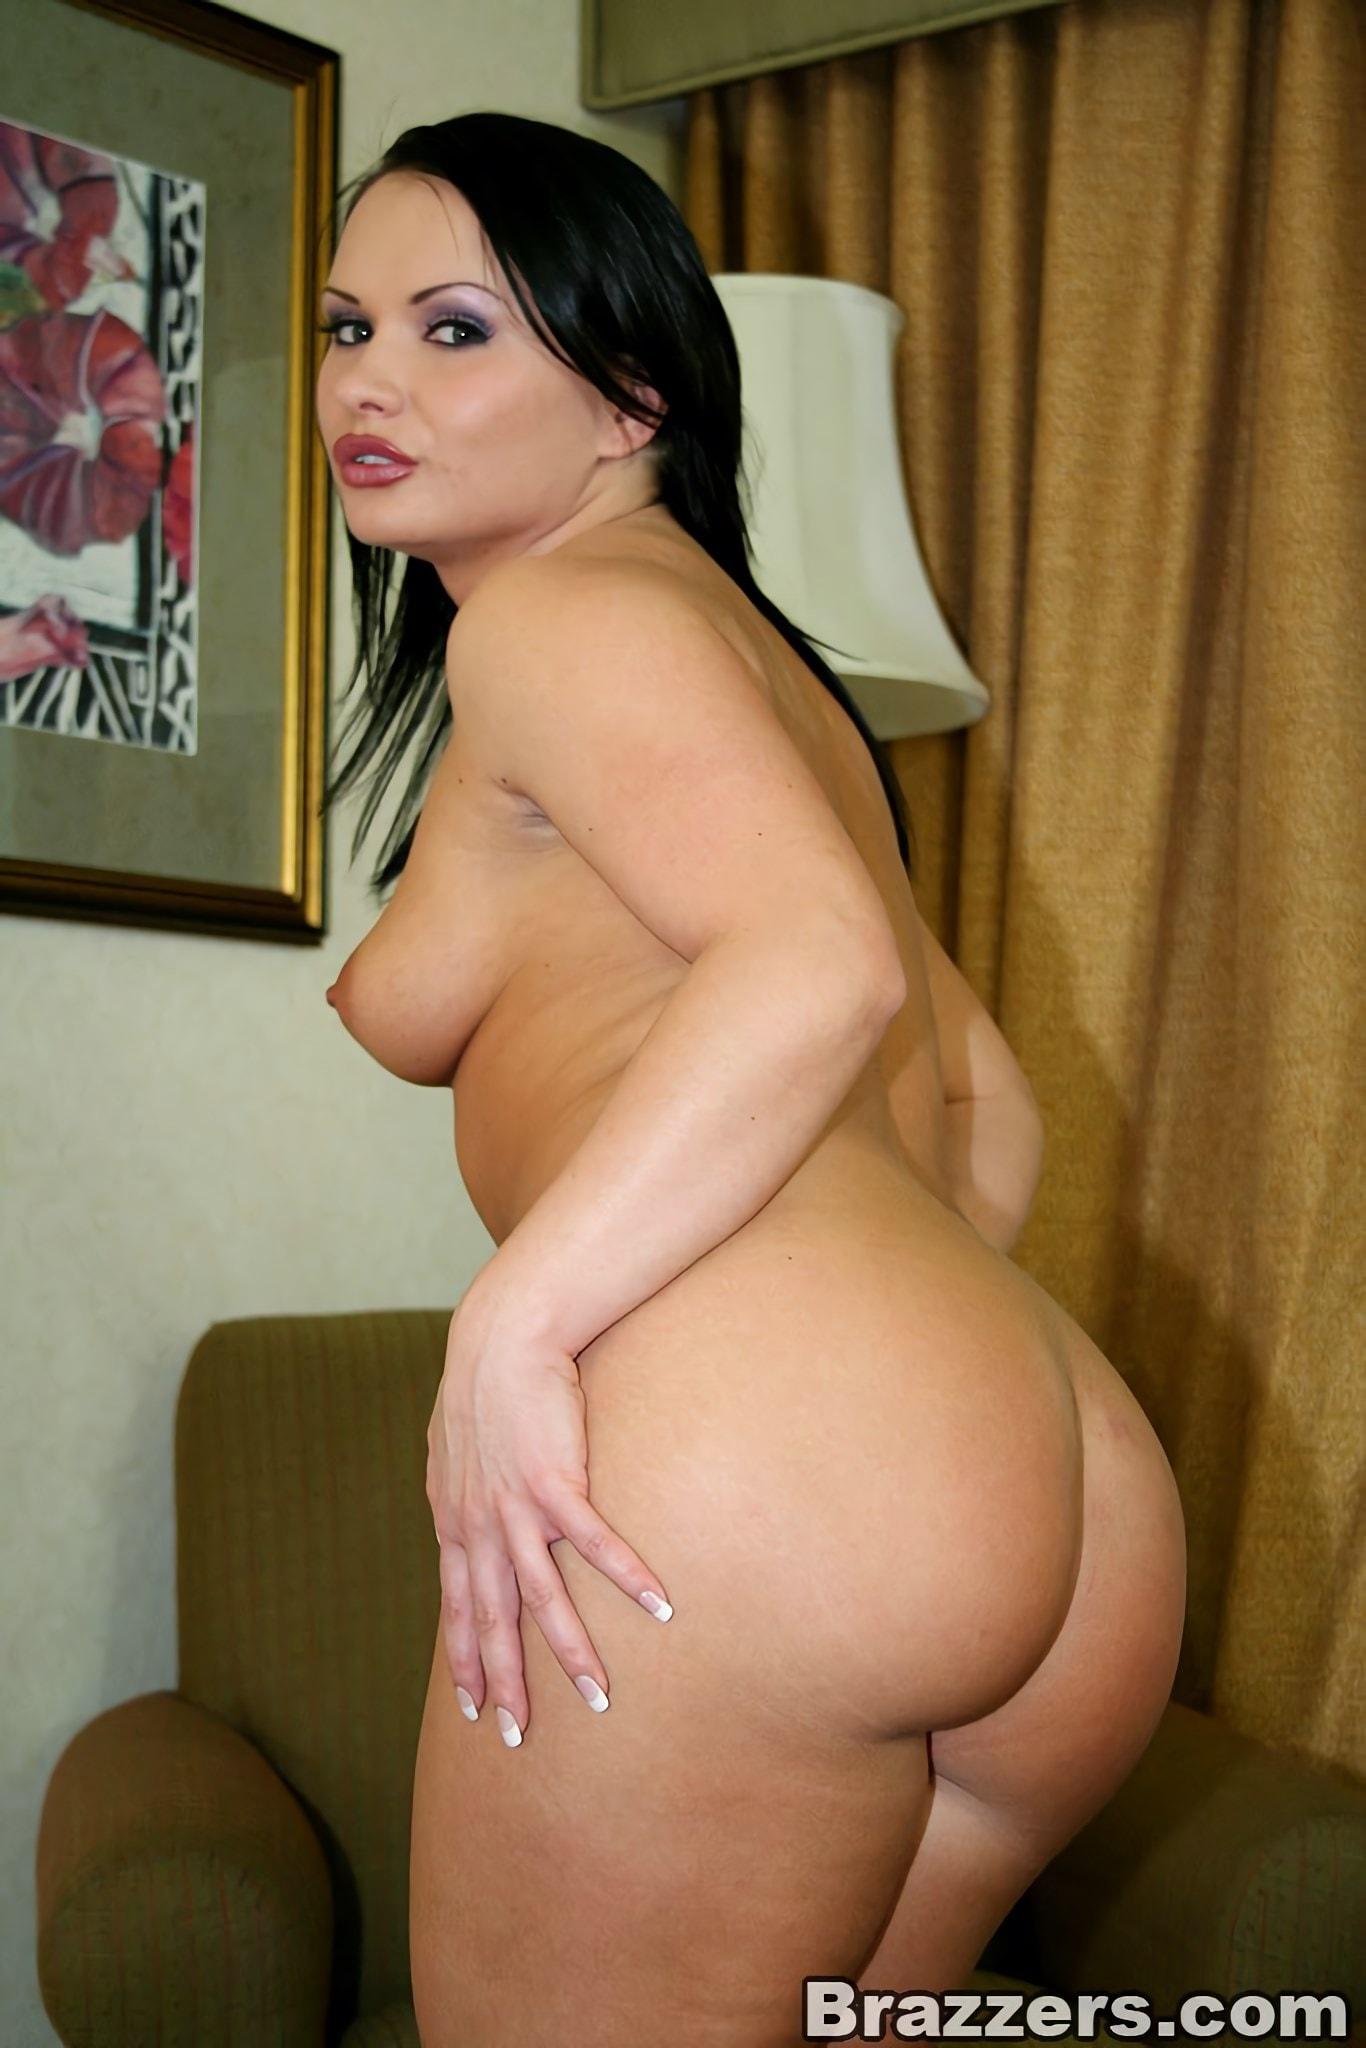 Brazzers 'Sexy Katja loving anal' starring Katja Kassin (Photo 3)